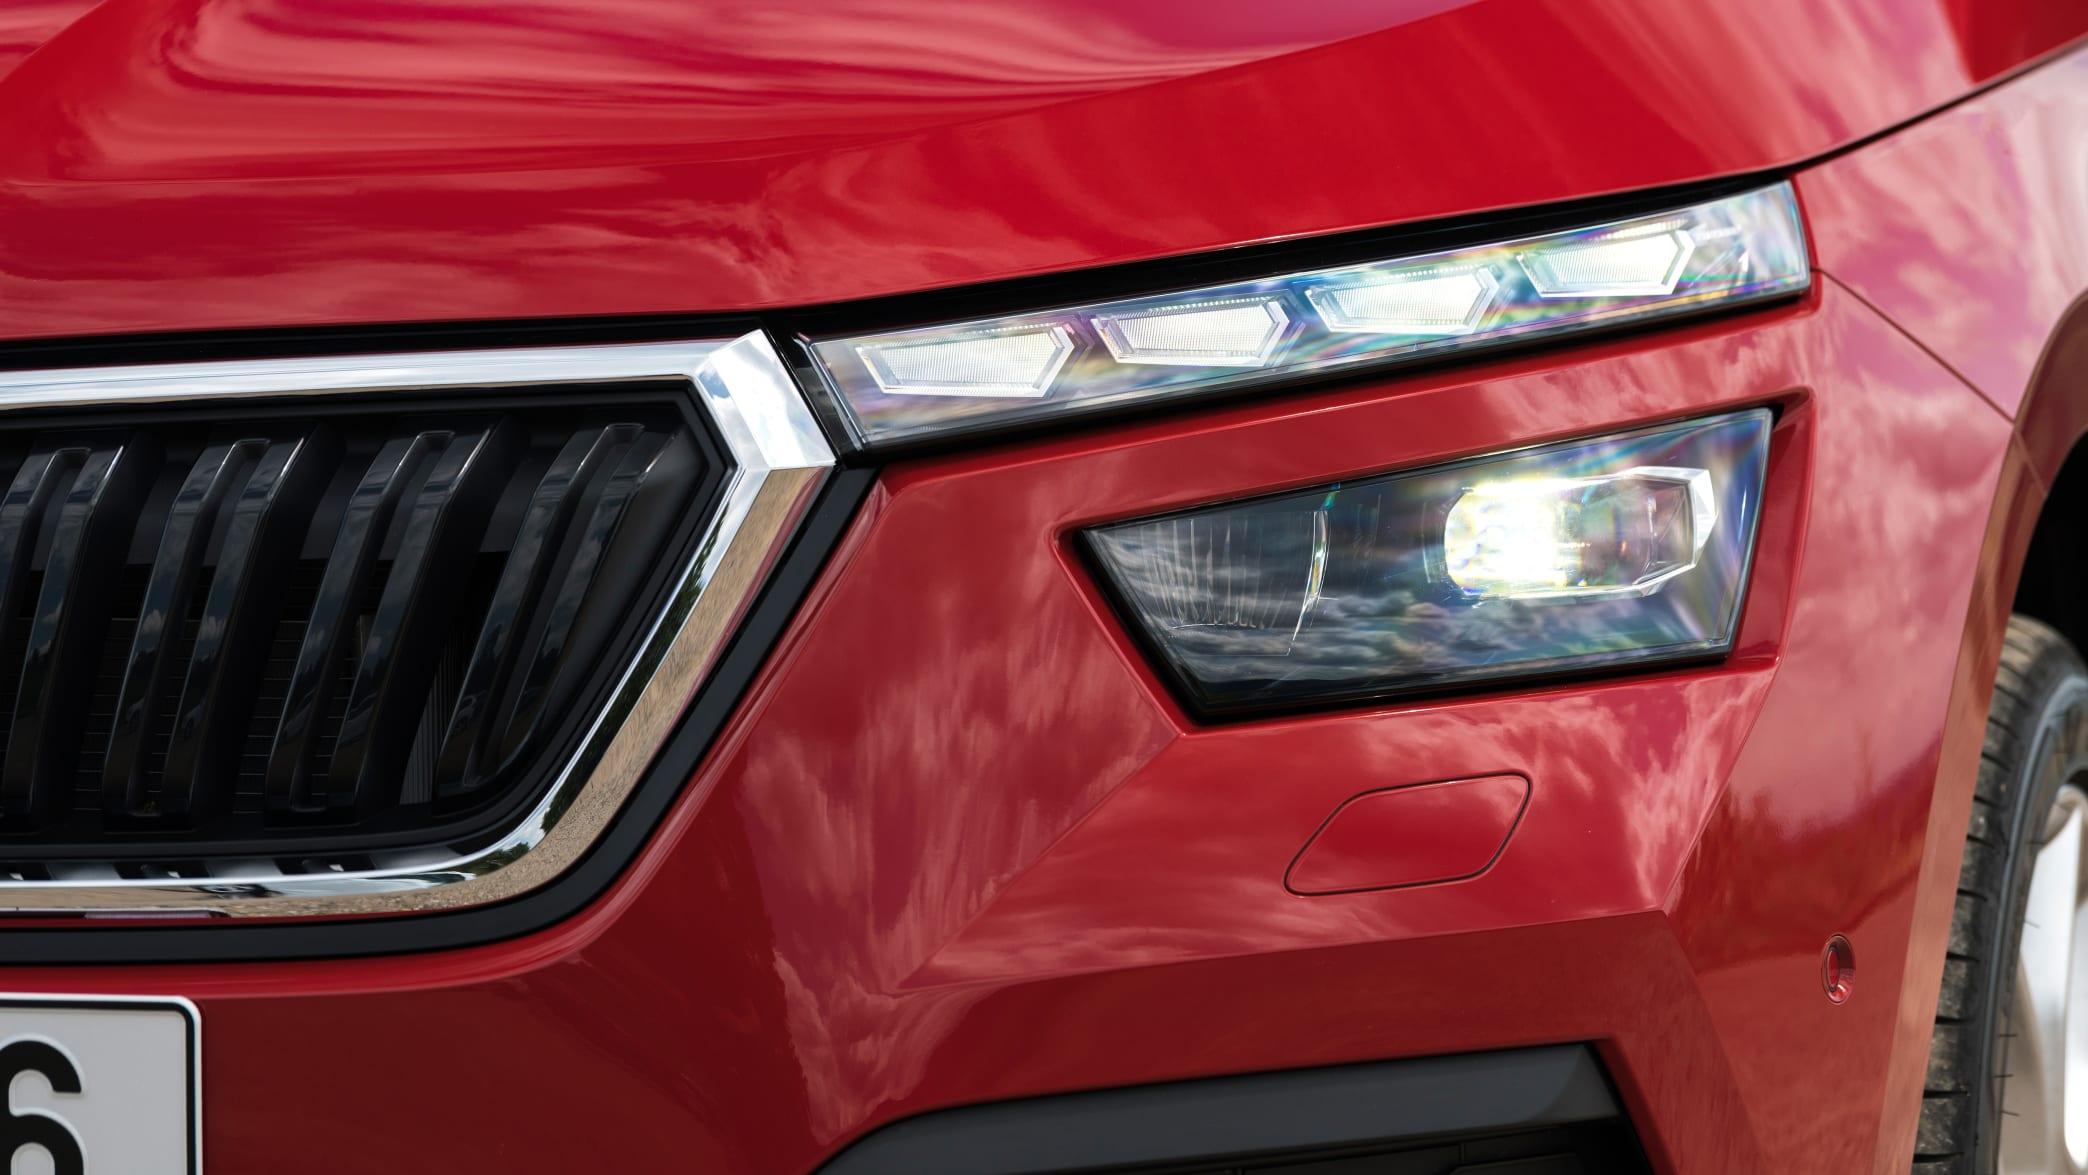 Frontlicht eines roten Skoda Kamiq